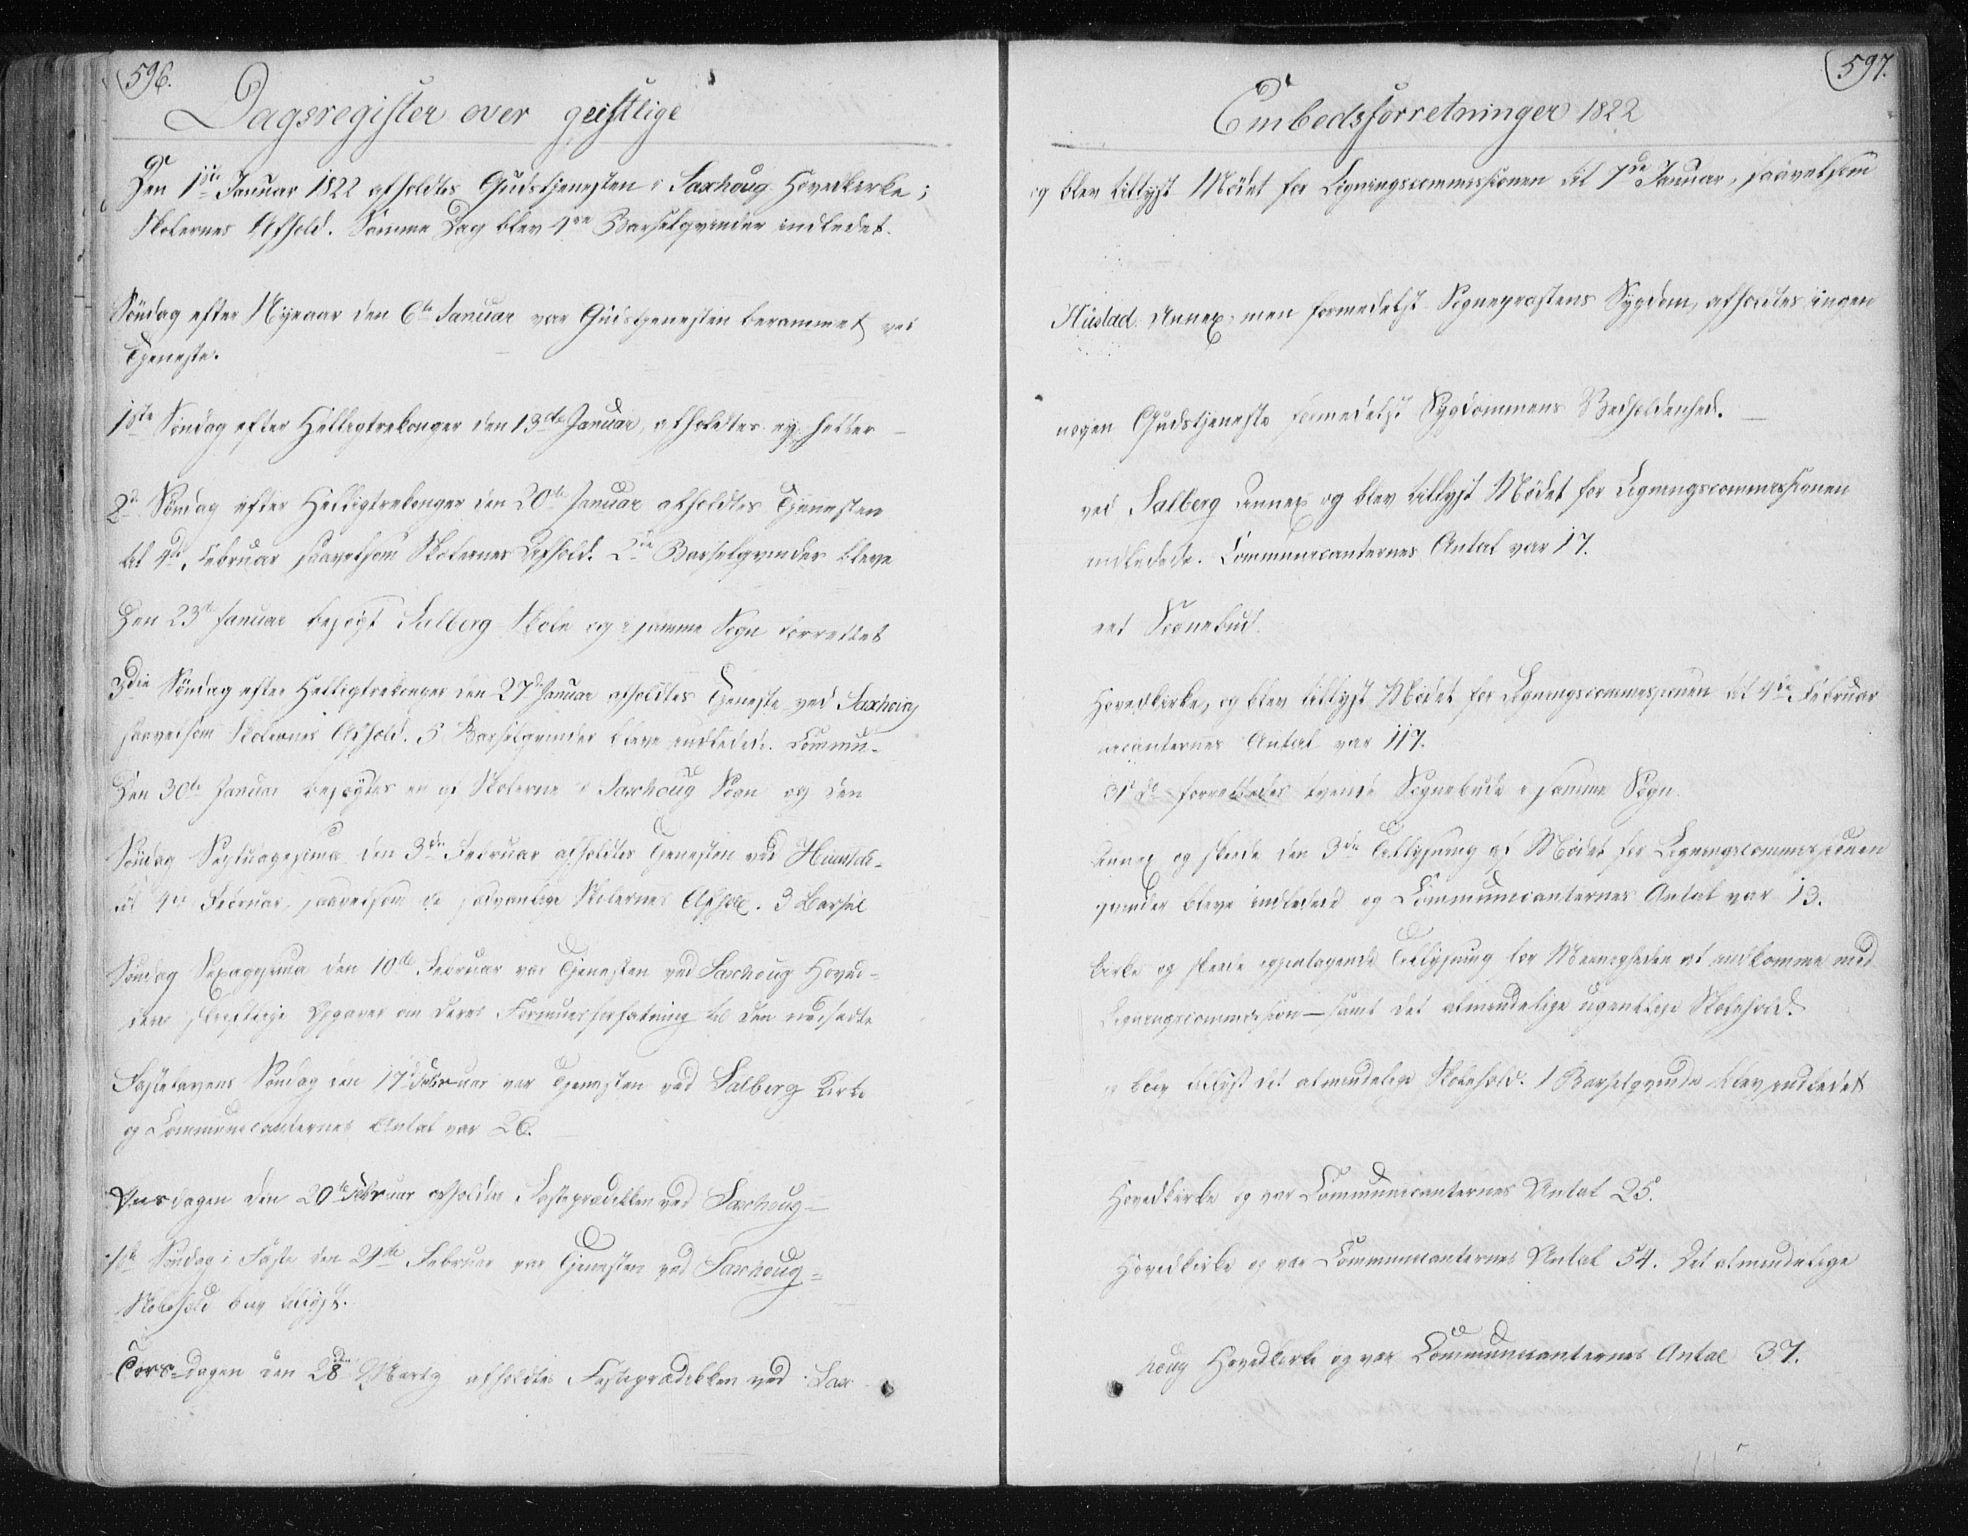 SAT, Ministerialprotokoller, klokkerbøker og fødselsregistre - Nord-Trøndelag, 730/L0276: Ministerialbok nr. 730A05, 1822-1830, s. 596-597